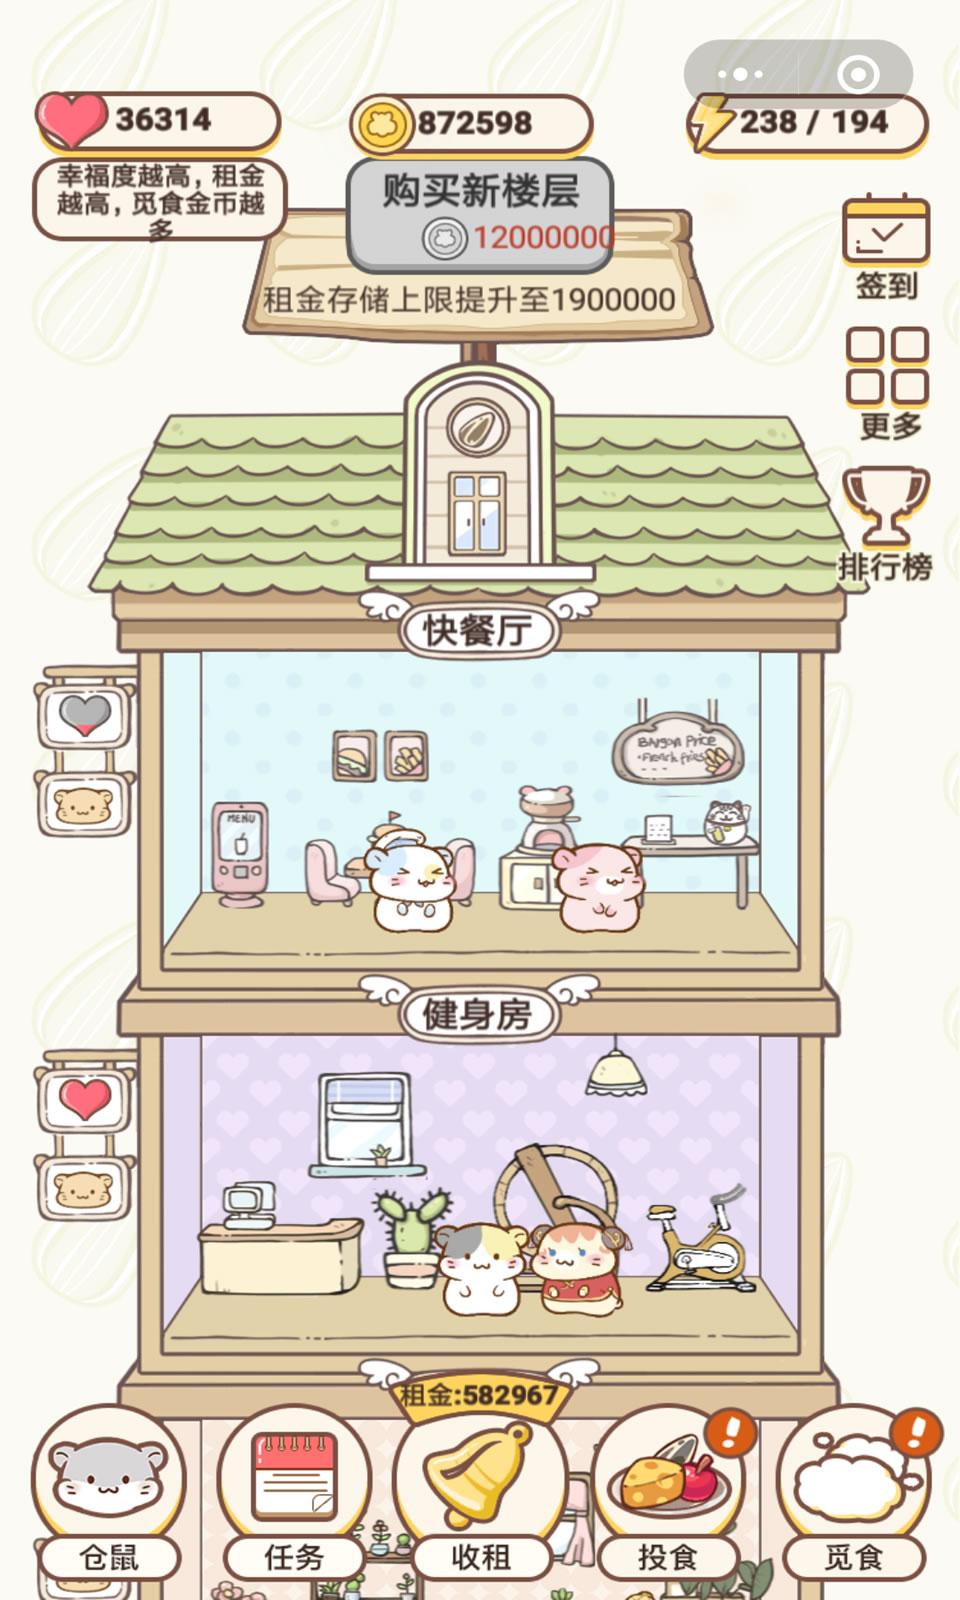 仓鼠公寓最新破解版游戏截图